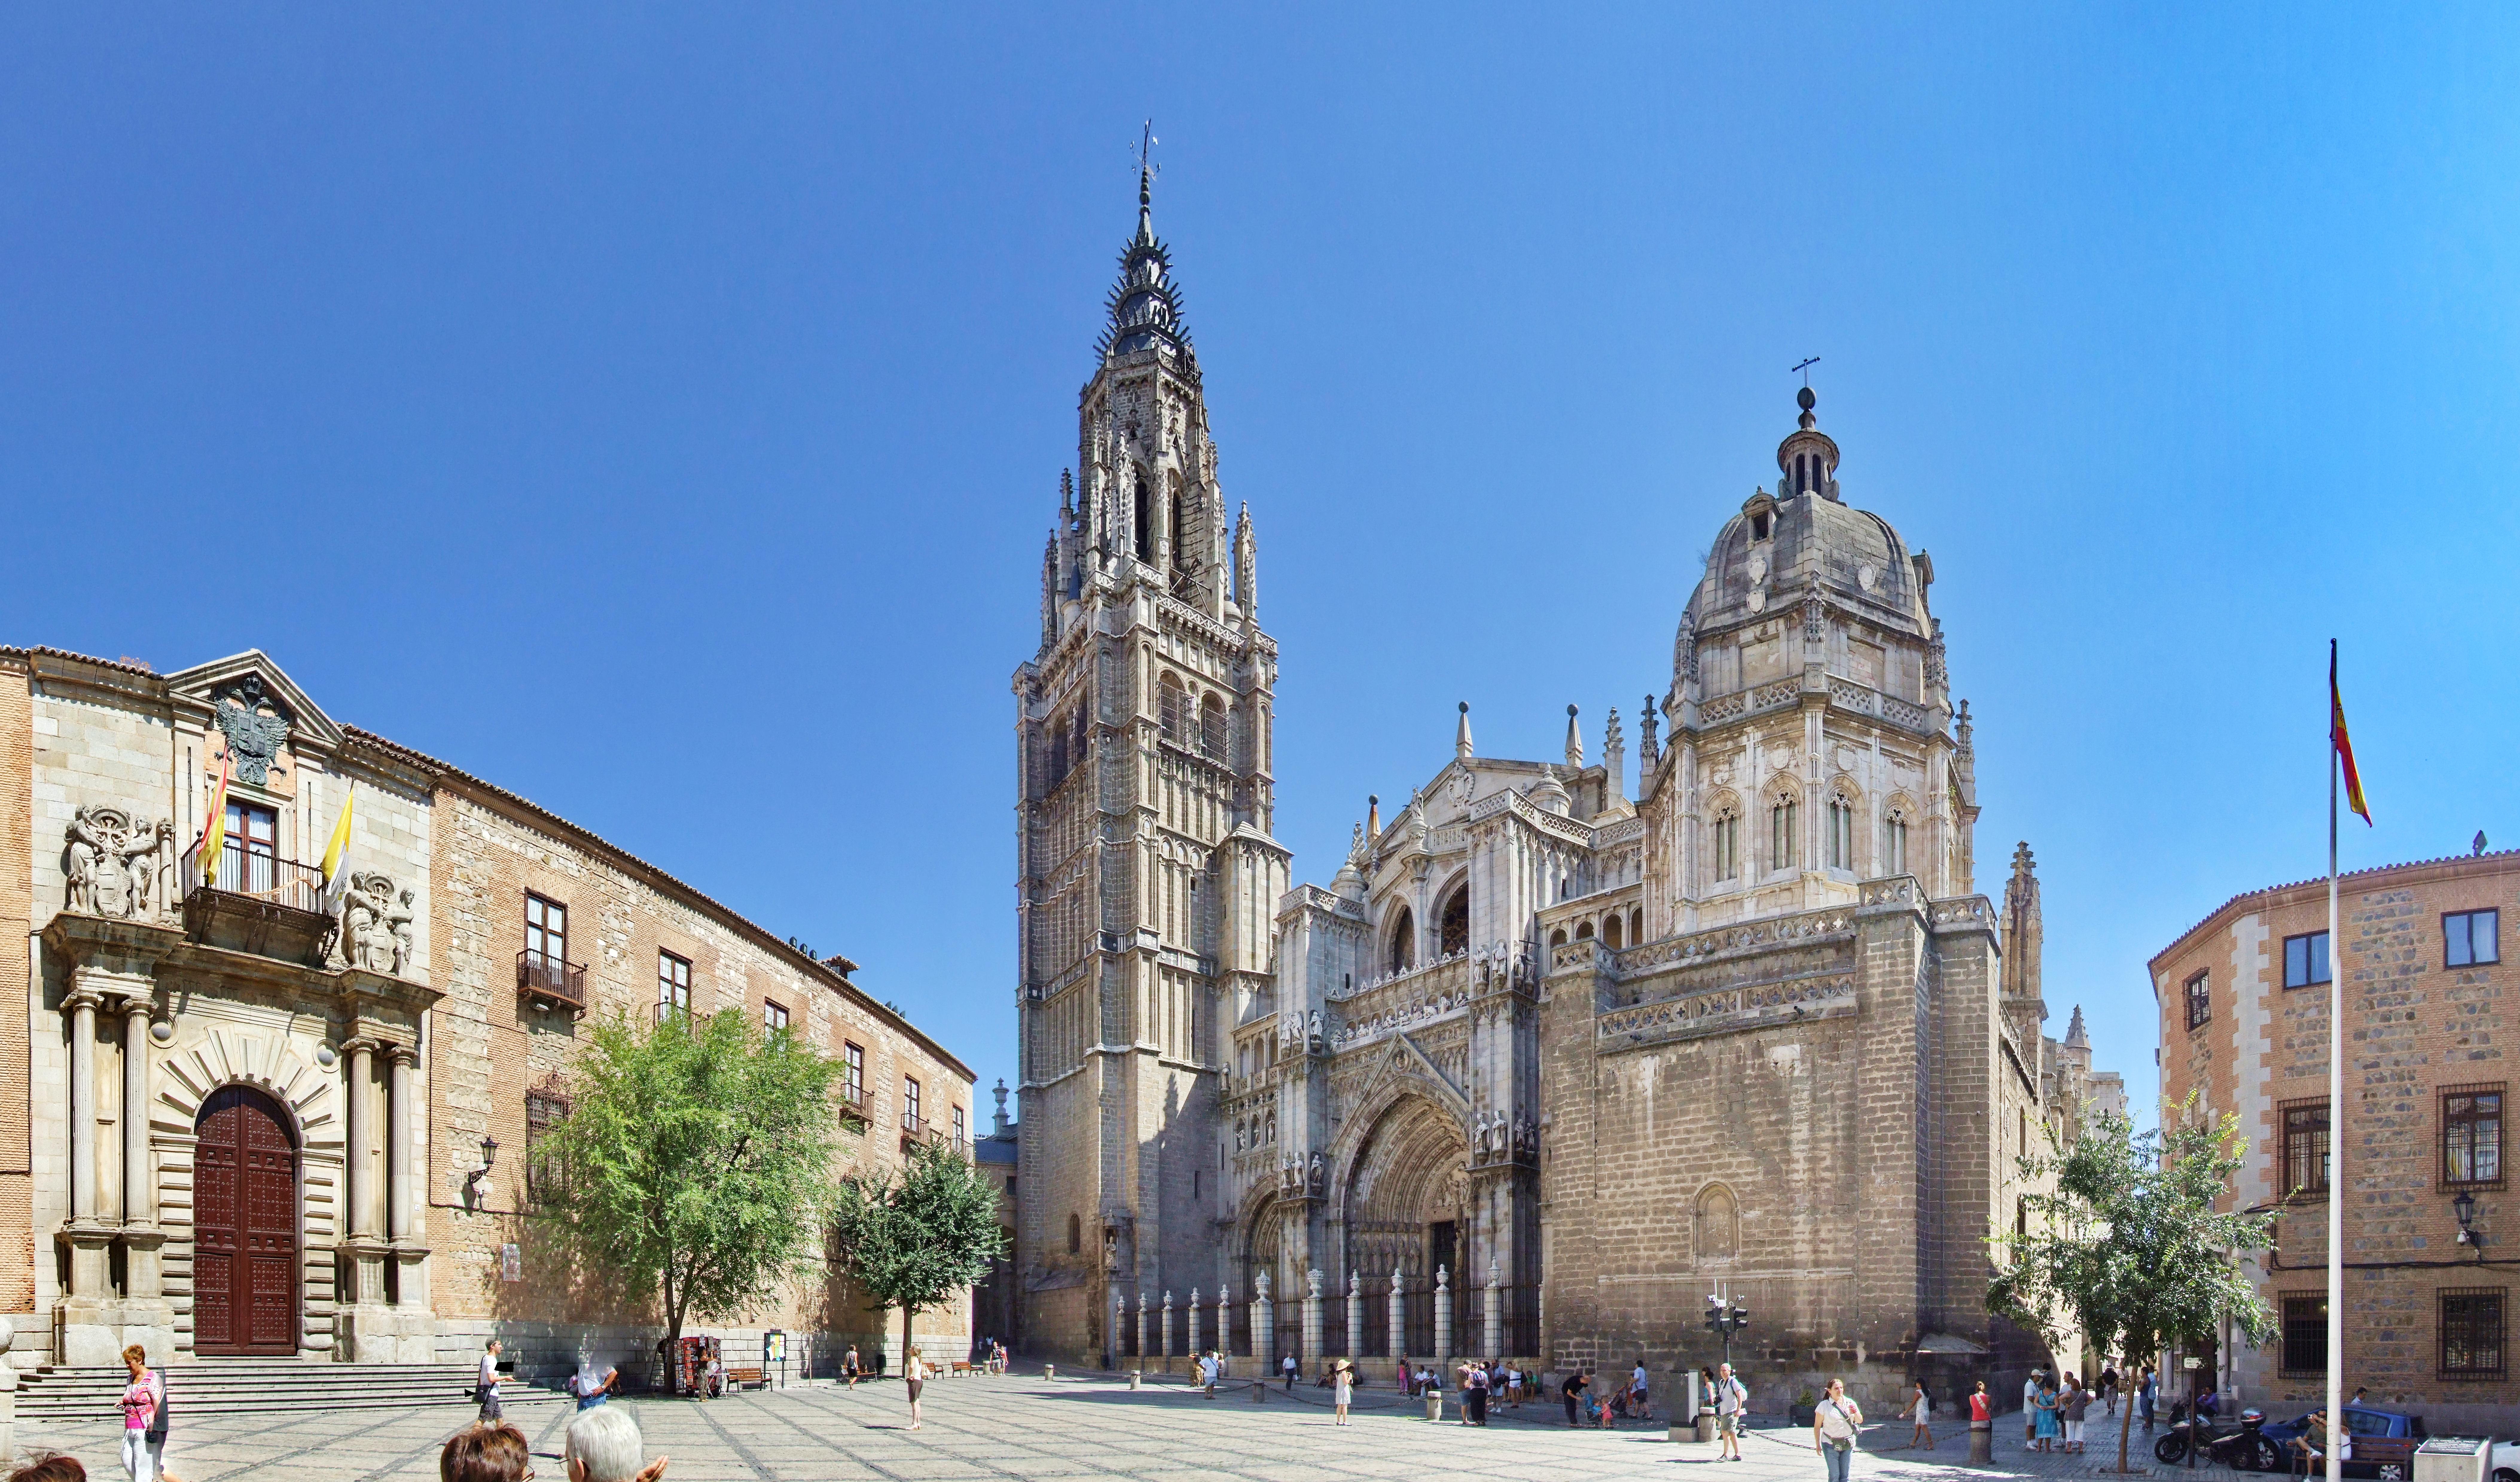 File:Catedral de Toledo (Spain) y Palacio Arzobispal.jpg